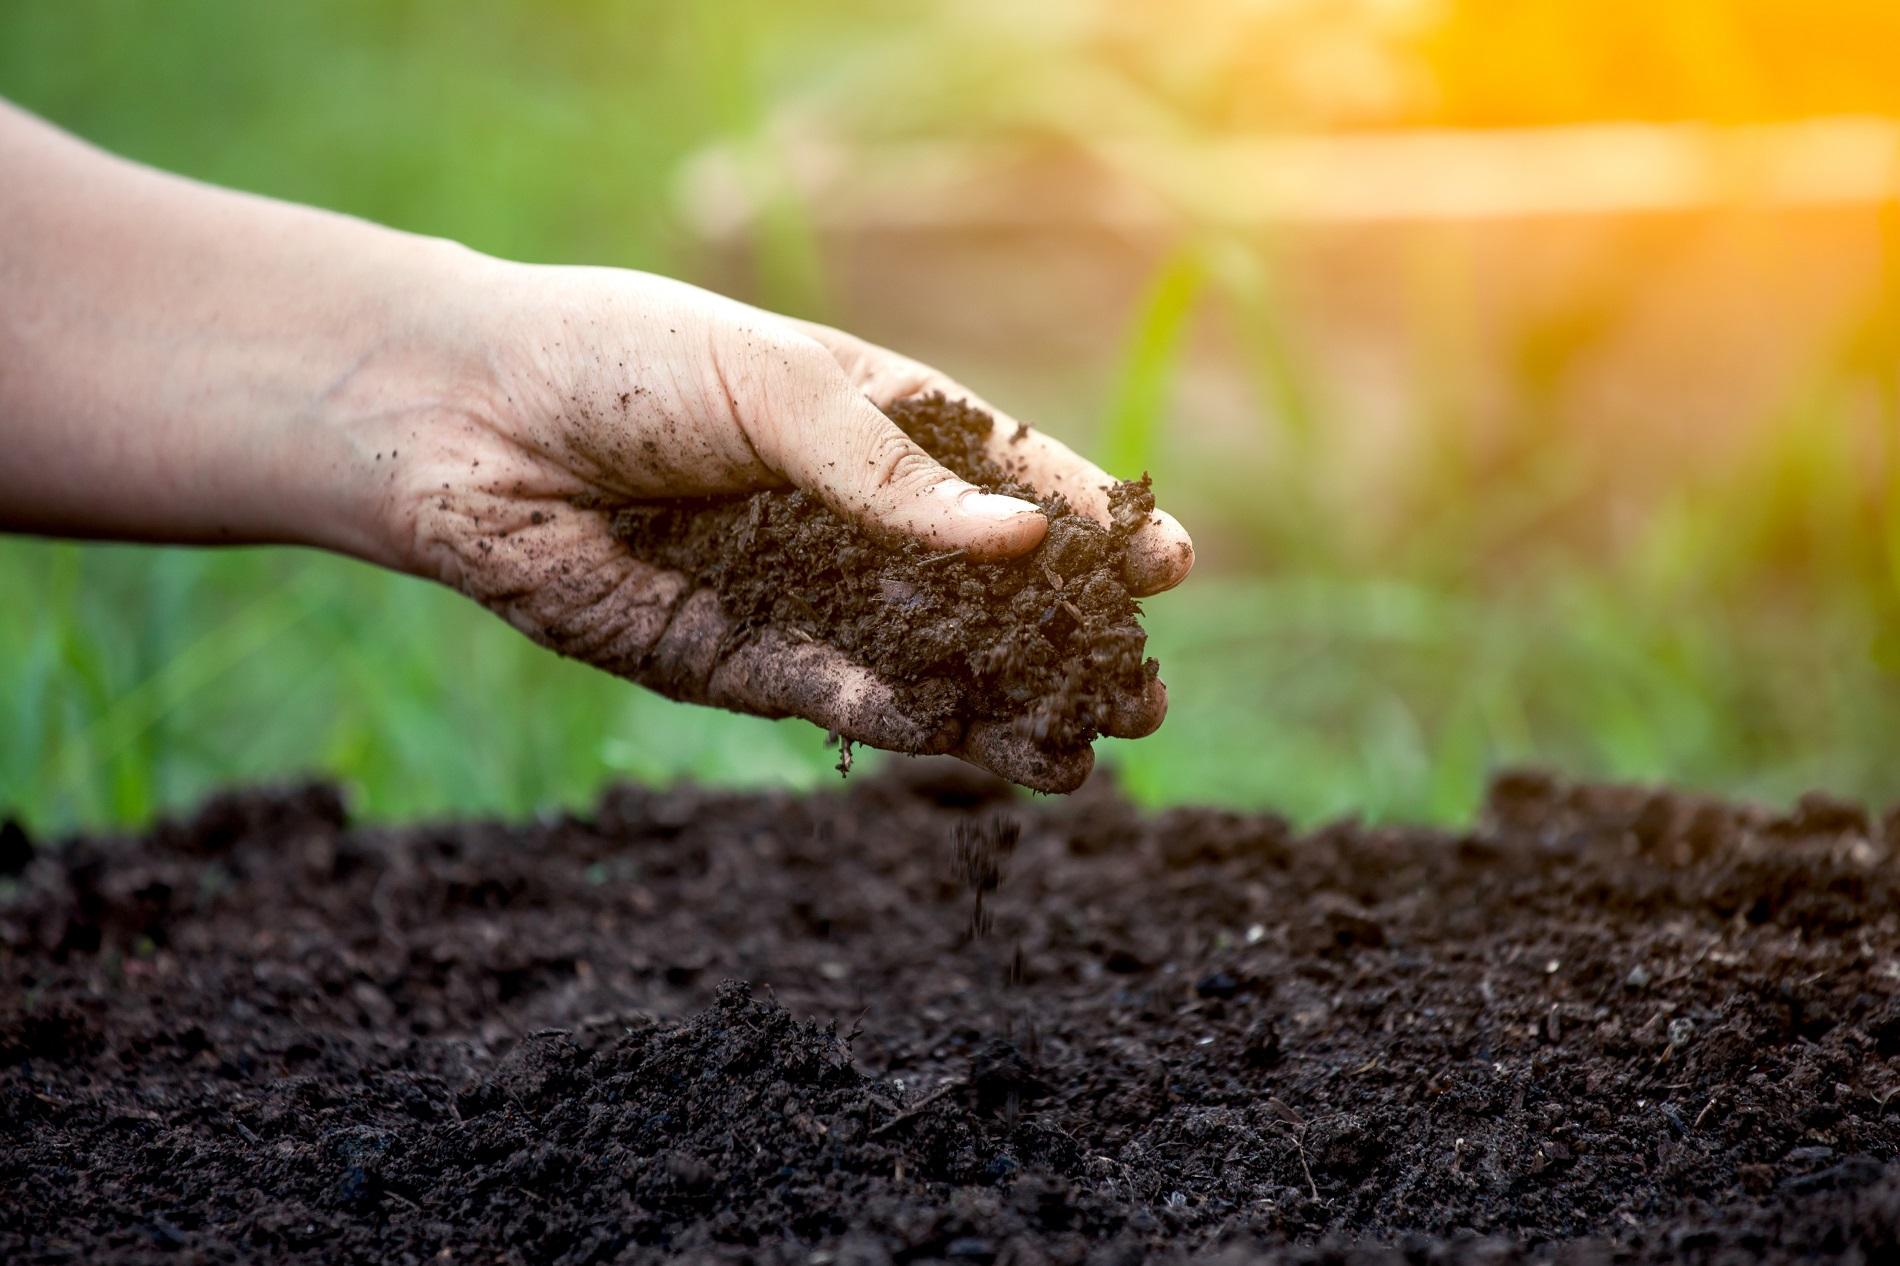 Buenas prácticas agrícolas: Conservación del suelo agrícola